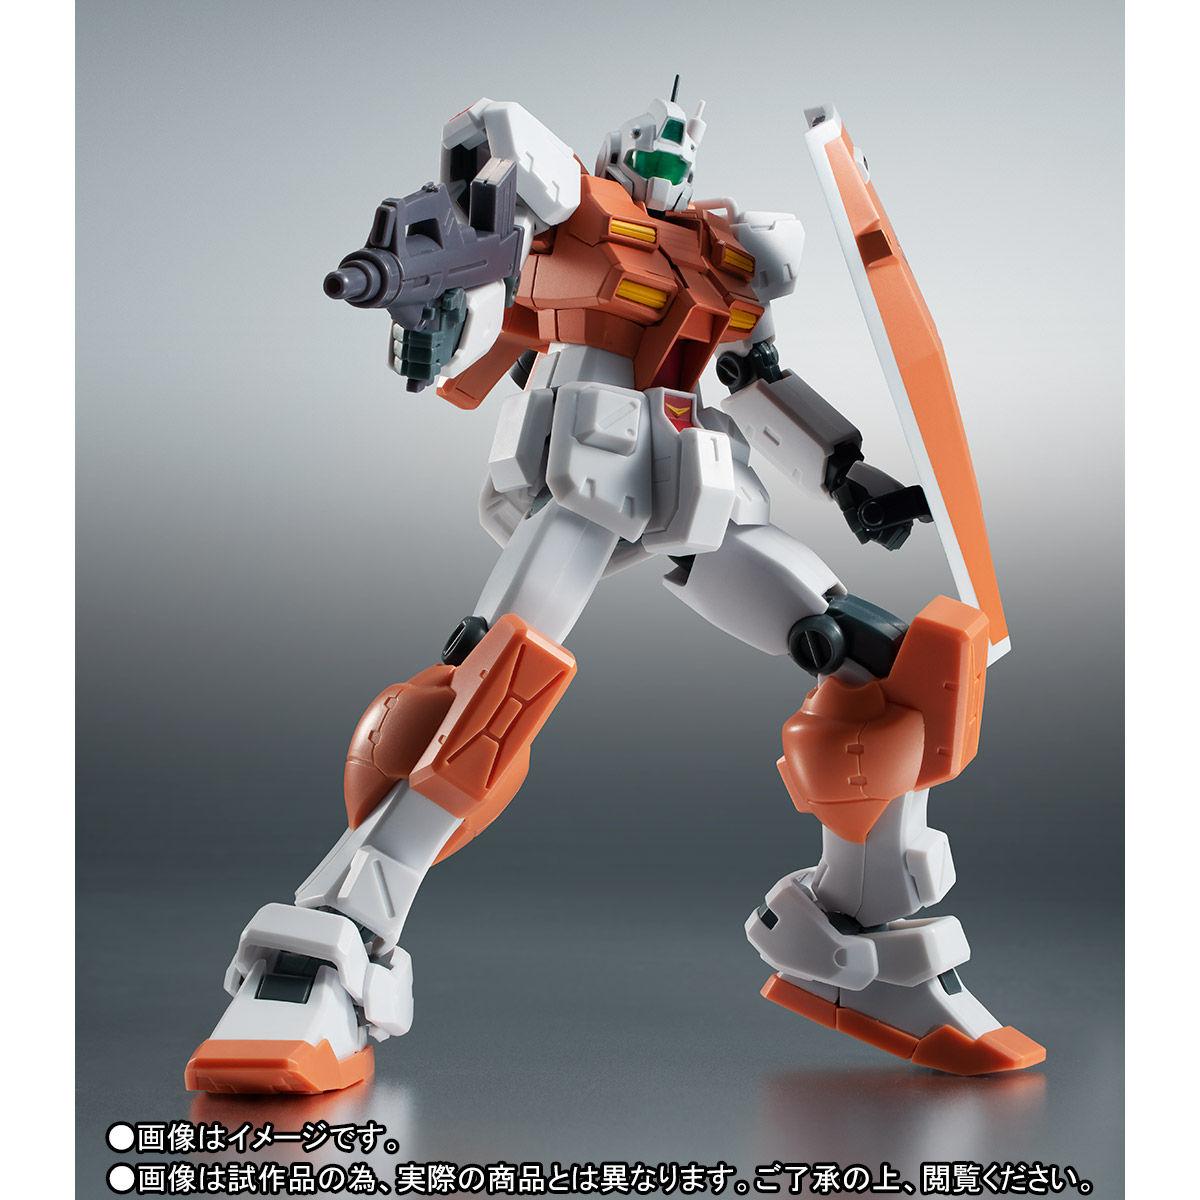 【限定販売】ROBOT魂〈SIDE MS〉『RGM-79 パワード・ジム ver. A.N.I.M.E.』ガンダム0083 可動フィギュア-005